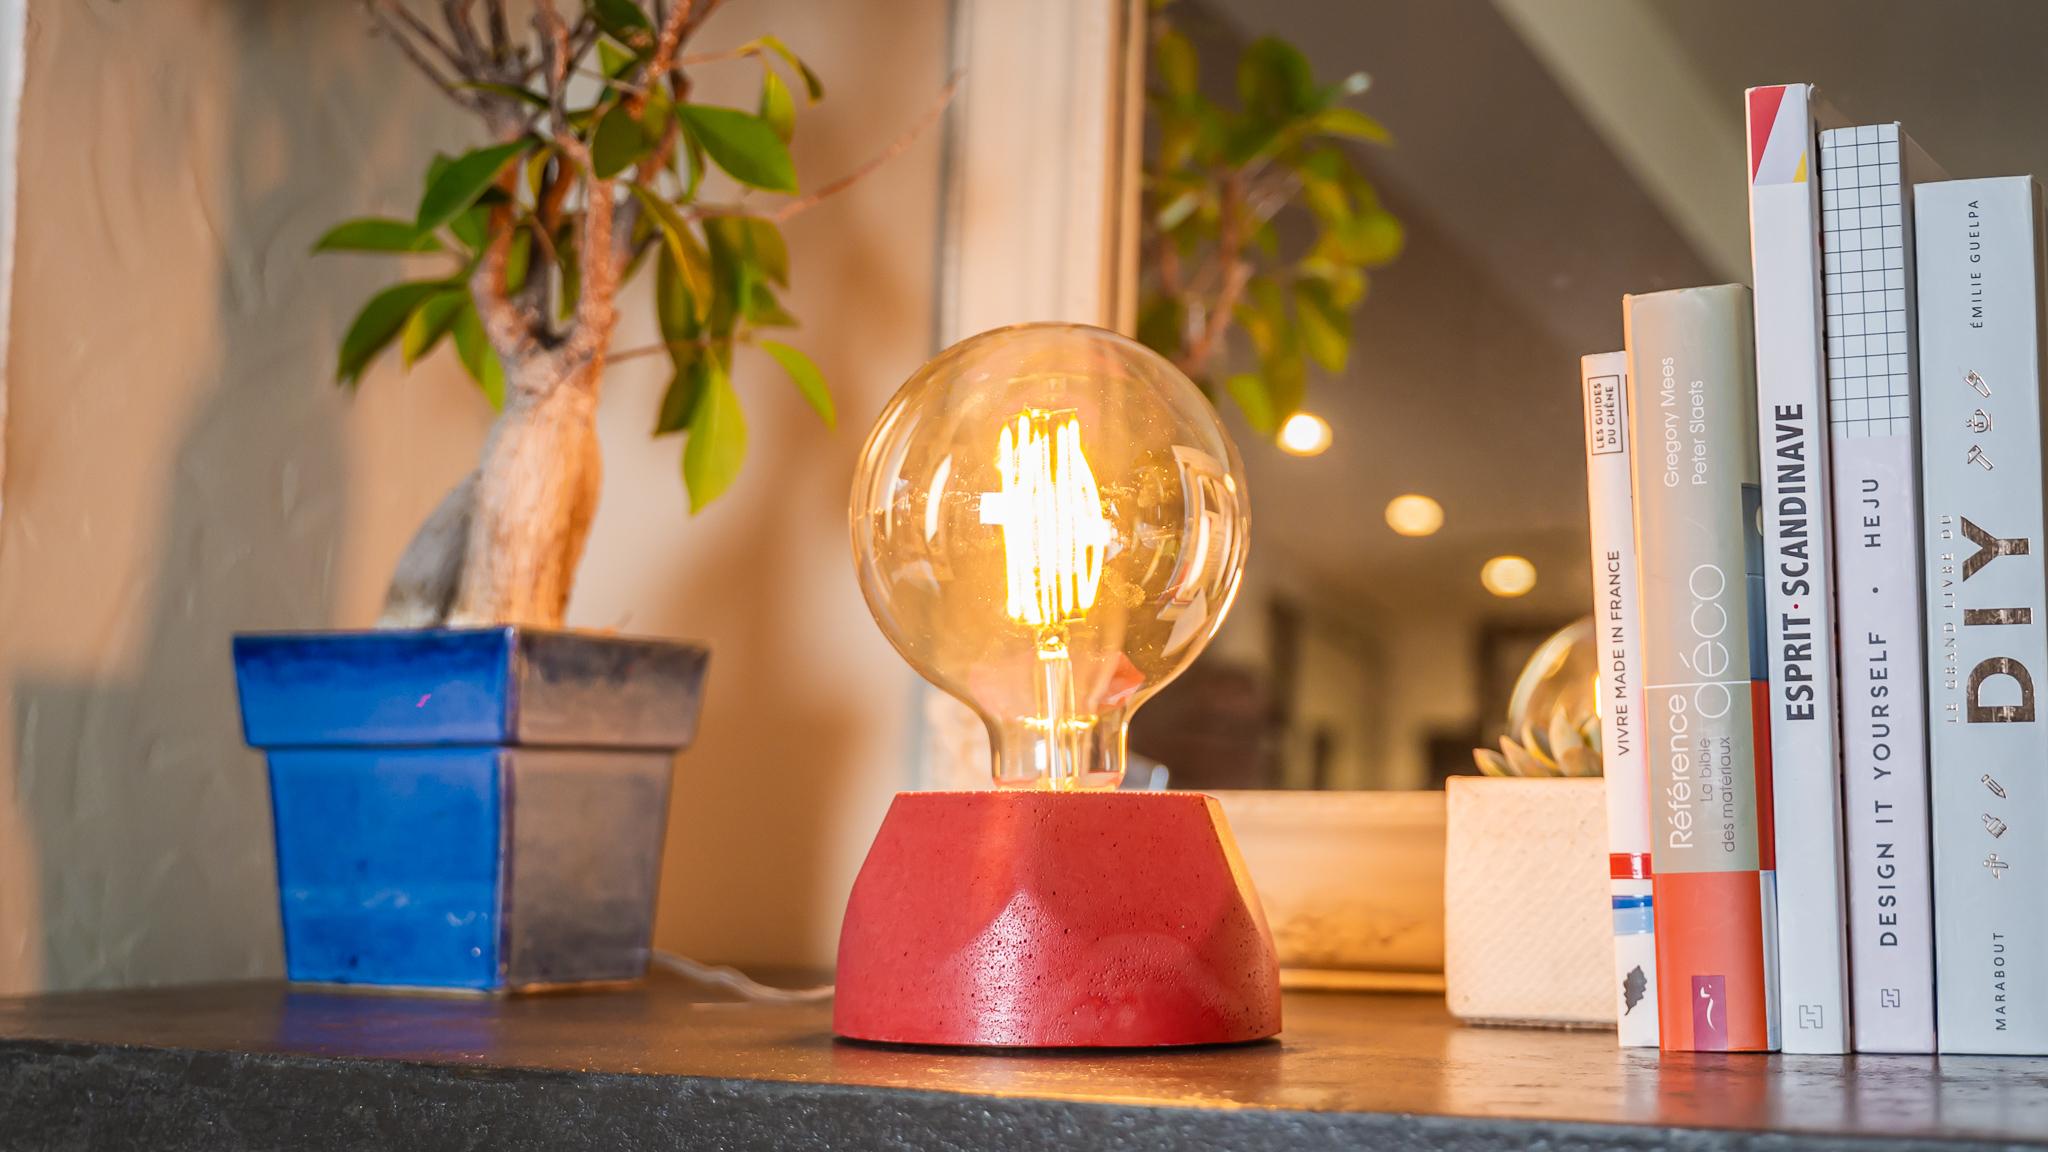 Lampe hexagone en béton rouge fabrication artisanale